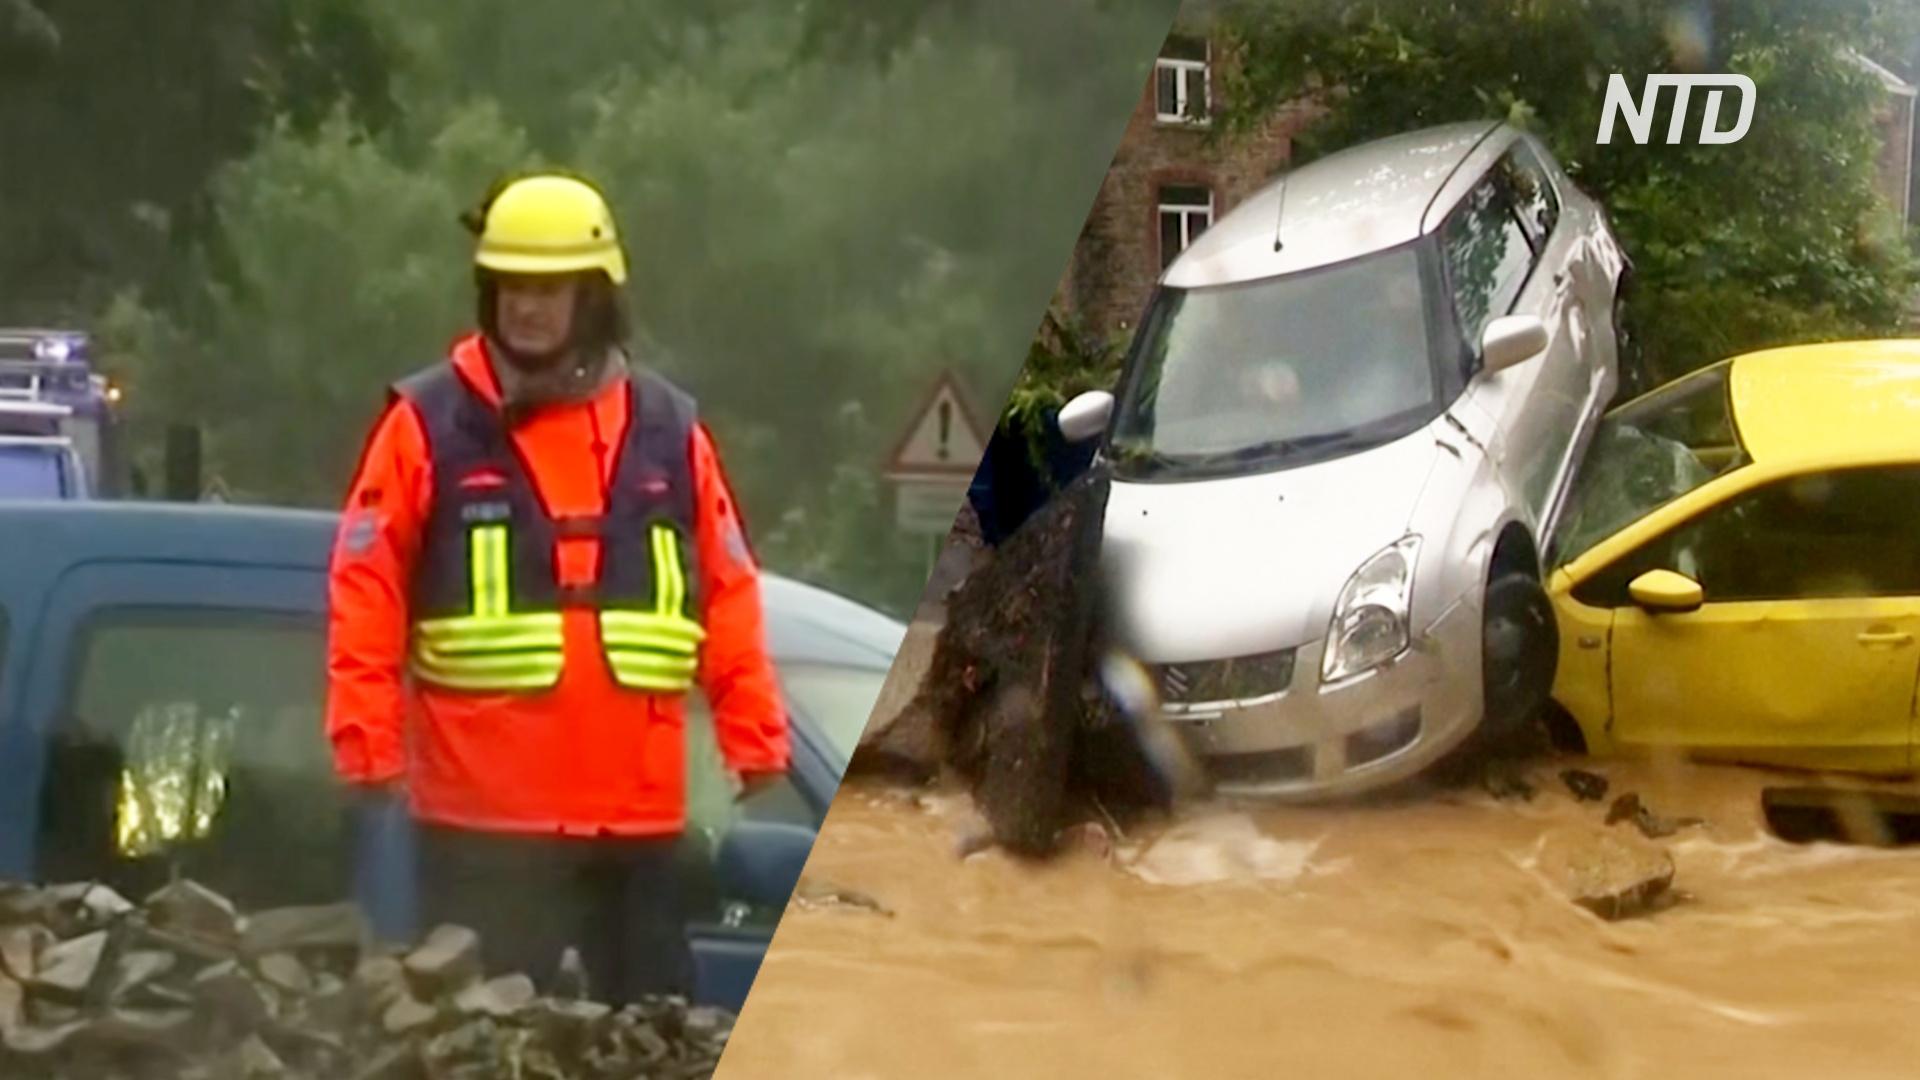 Ливни в Европе смывают машины и топят города